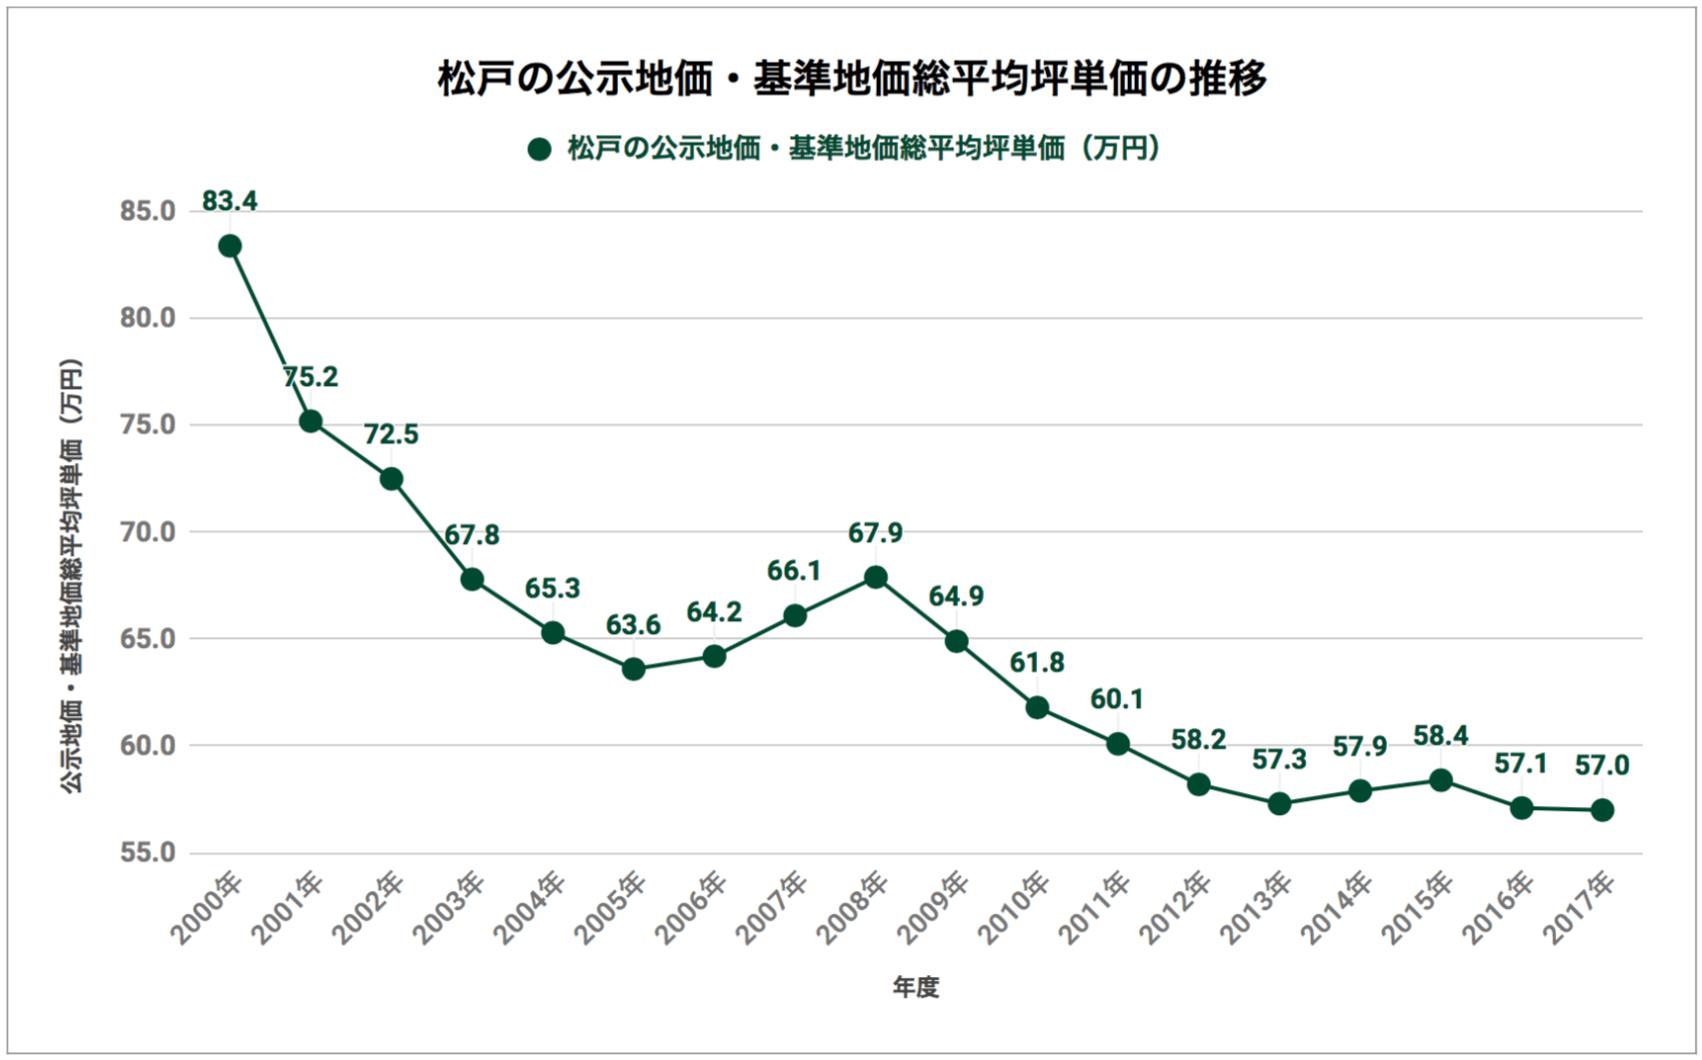 松戸の公示地価・基準地価総平均坪単価の推移